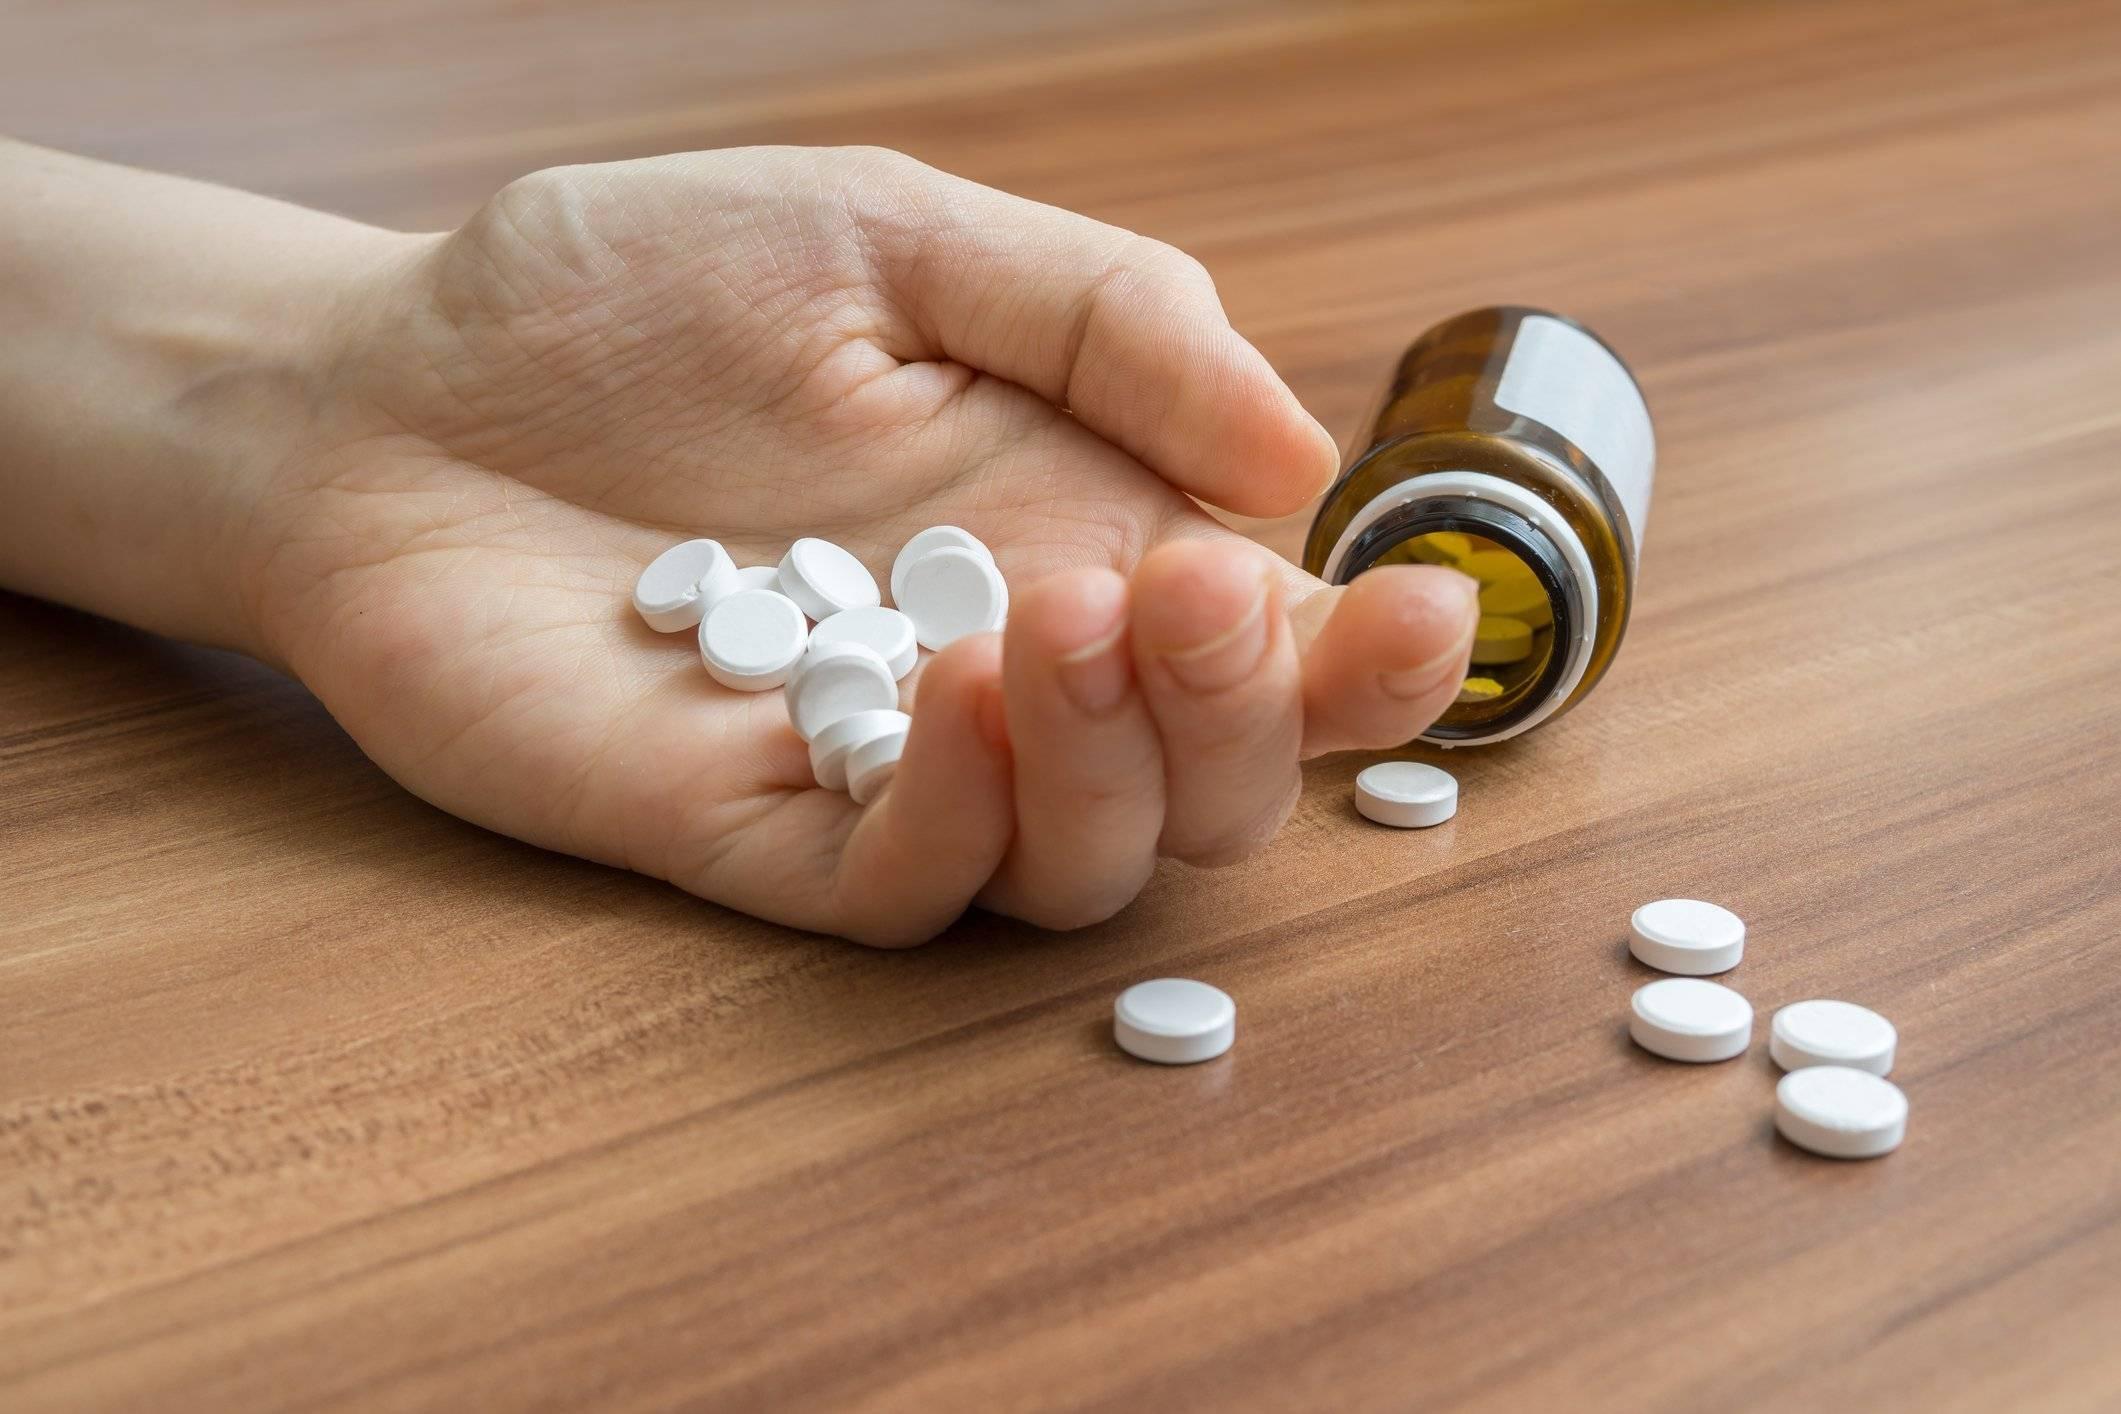 Передозировка аспирином – смертельная доза, симптомы и последствия отравления